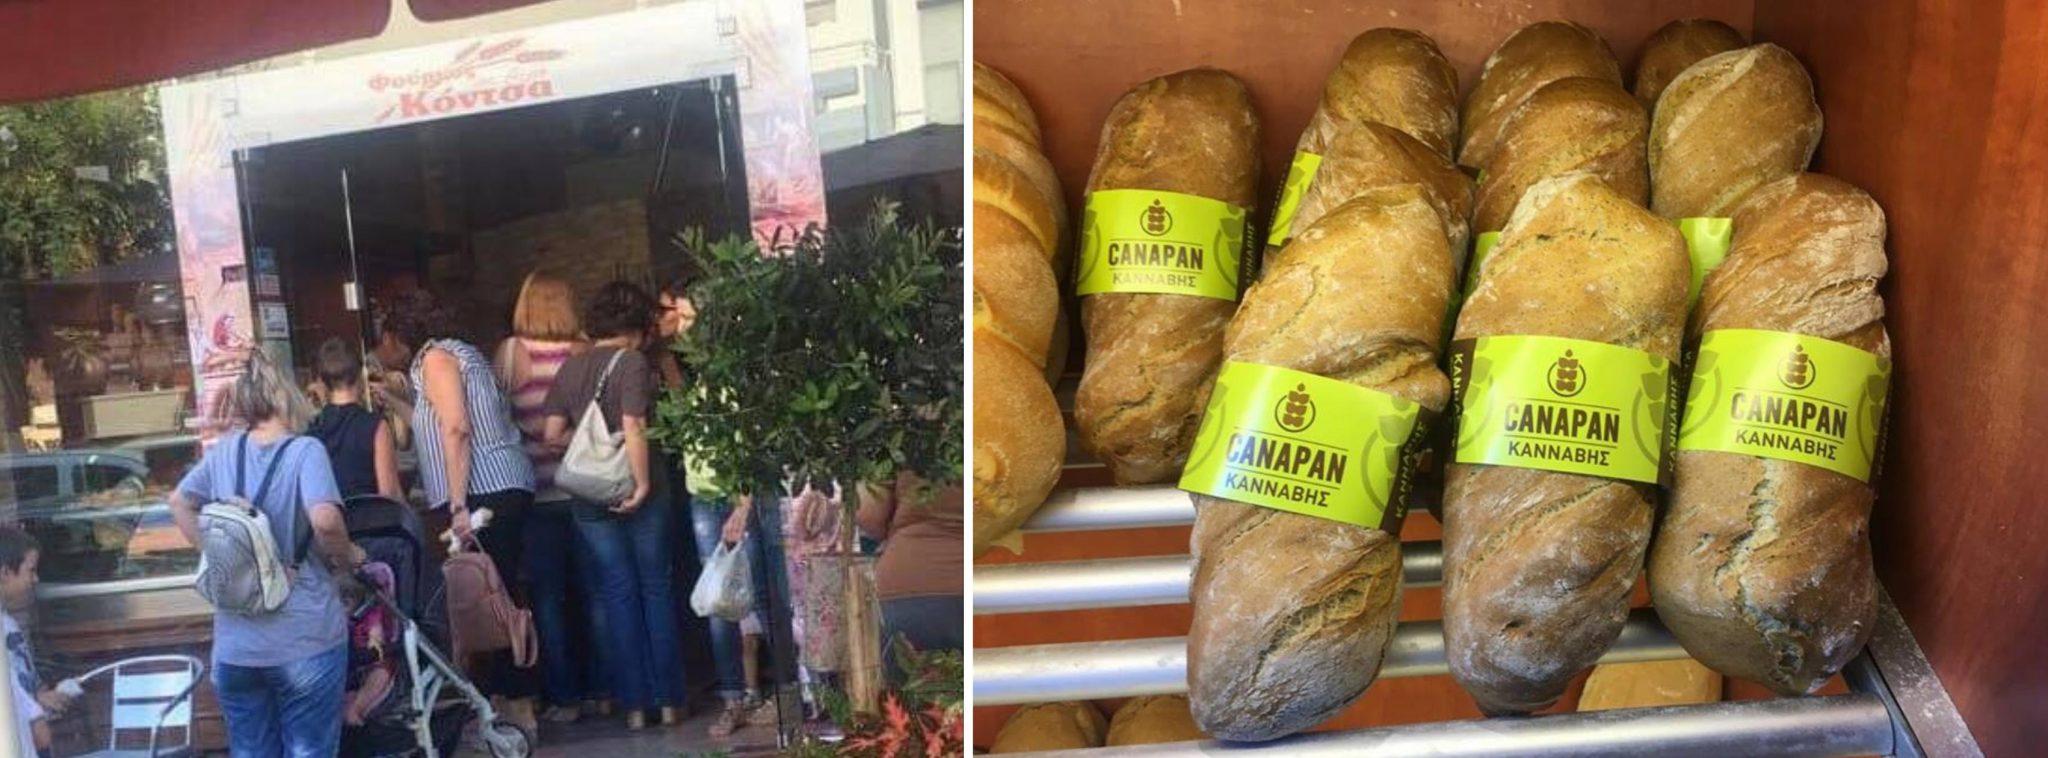 ΑΠΙΣΤΕΥΤΟ: «Εξαφανίζεται» από νωρίς το πρωί το ψωμί από αλεύρι κάνναβης σε φούρνο της Λάρισας (ΦΩΤΟ)!